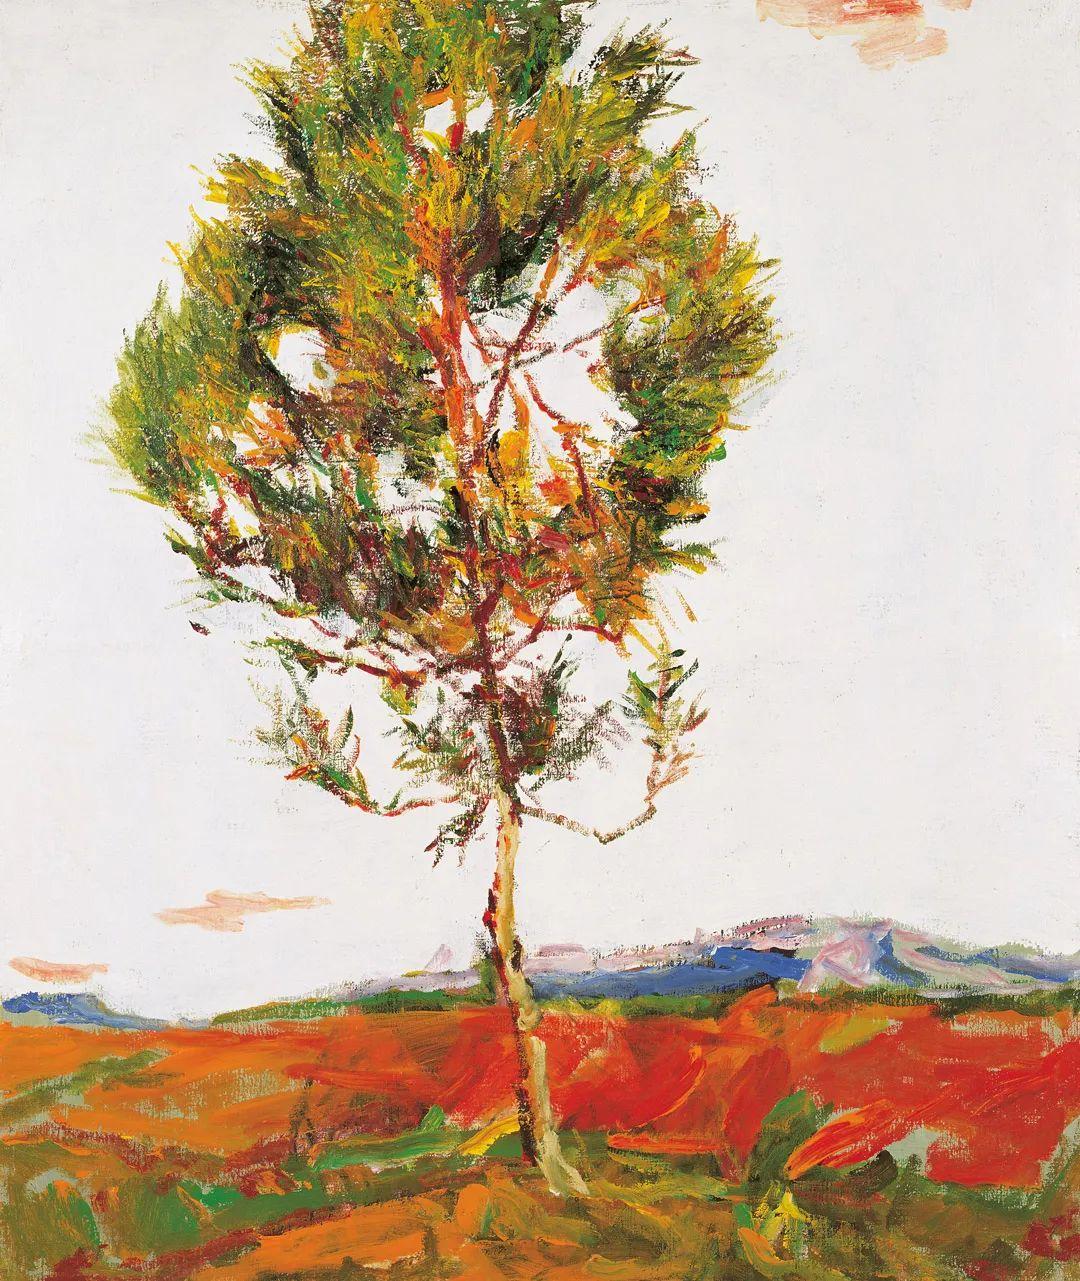 浓烈、明亮、斑斓、恣肆的色彩,这油画美极了插图33